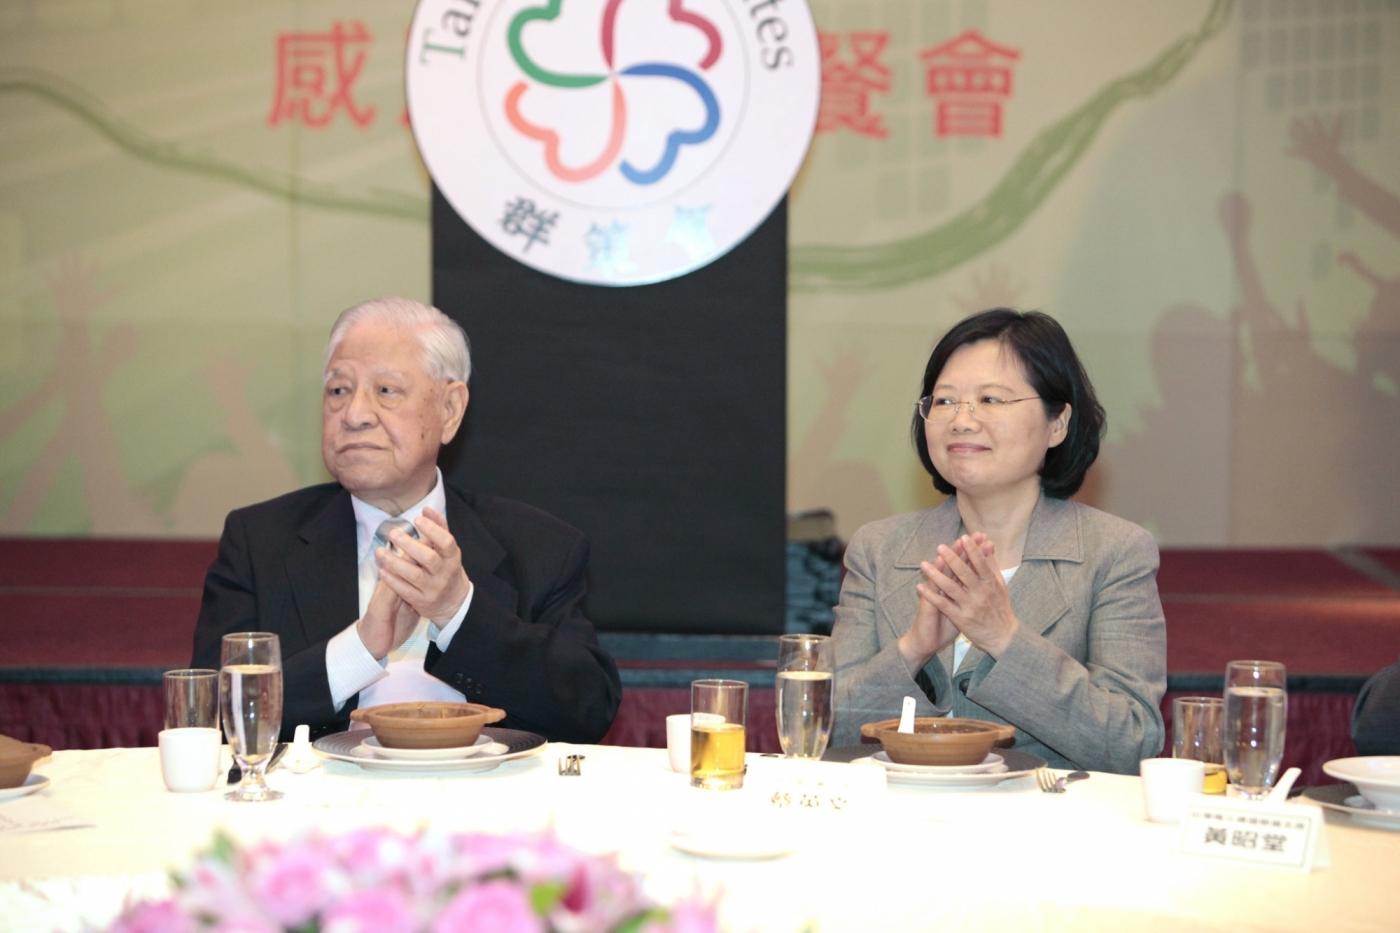 前總統李登輝辭世!他曾言:台灣要做「諾亞方舟」,而不是鐵達尼號